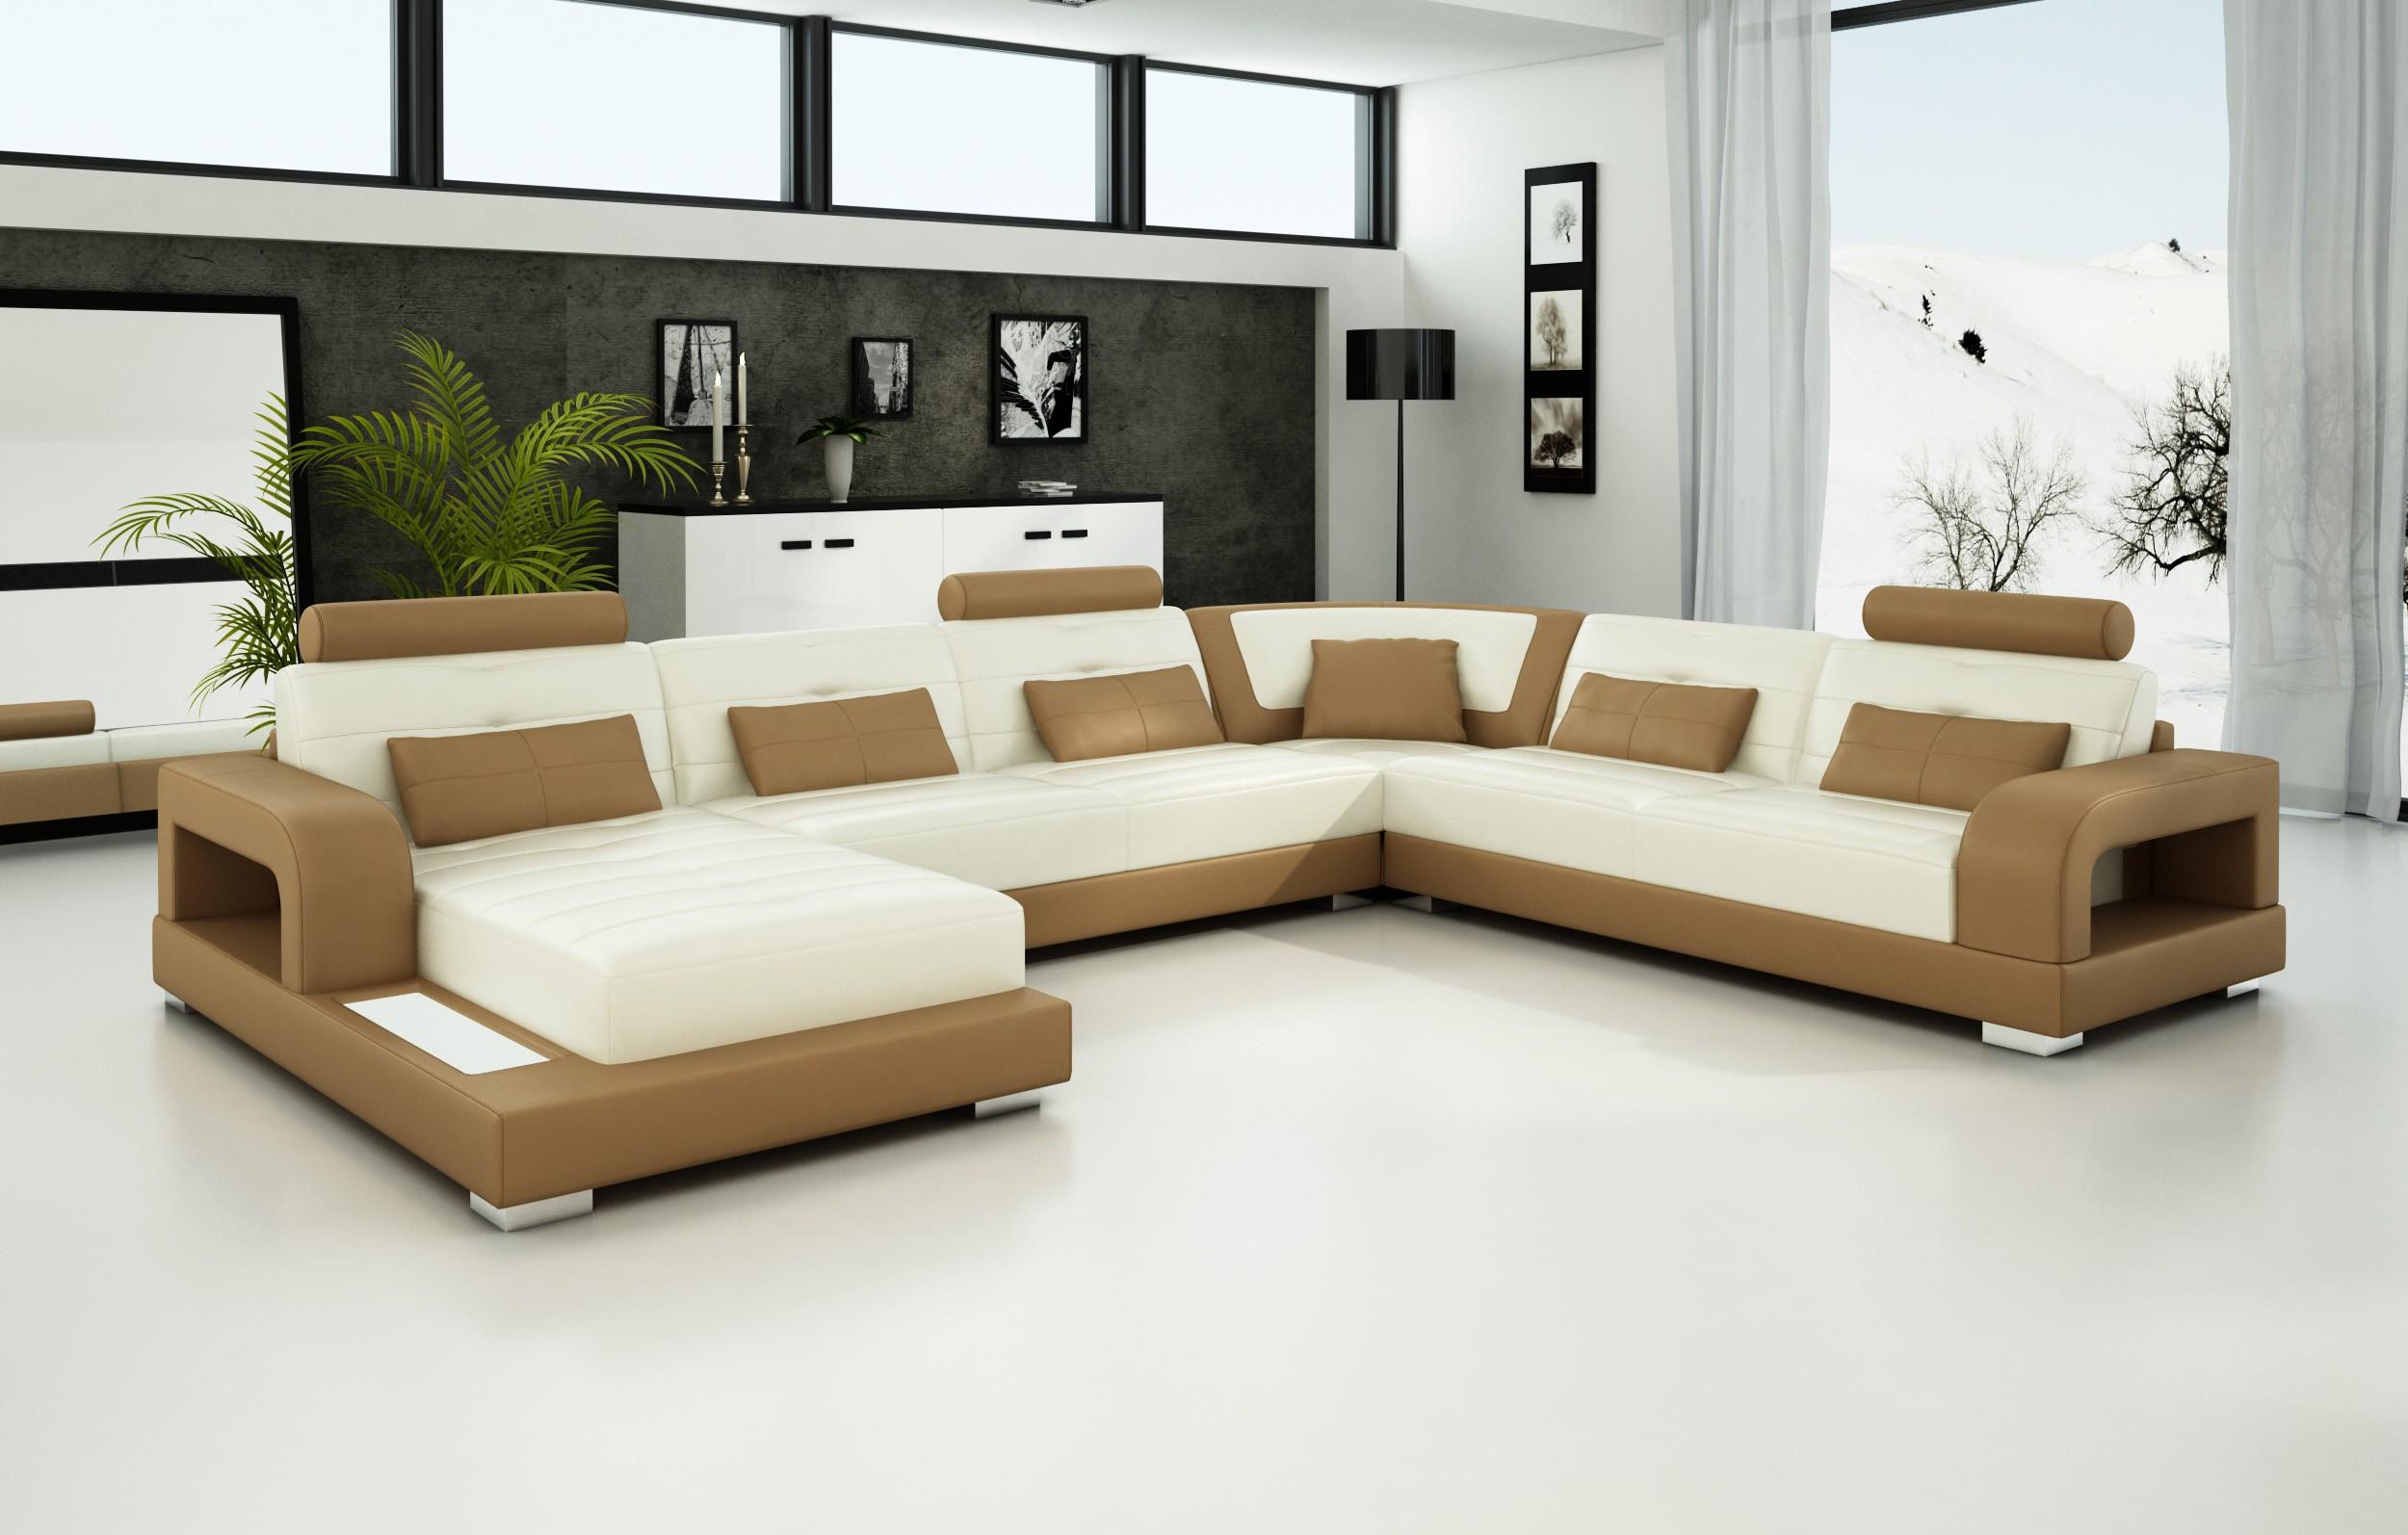 Olympian Sofas Pesaro Light Brown Leather Sofa